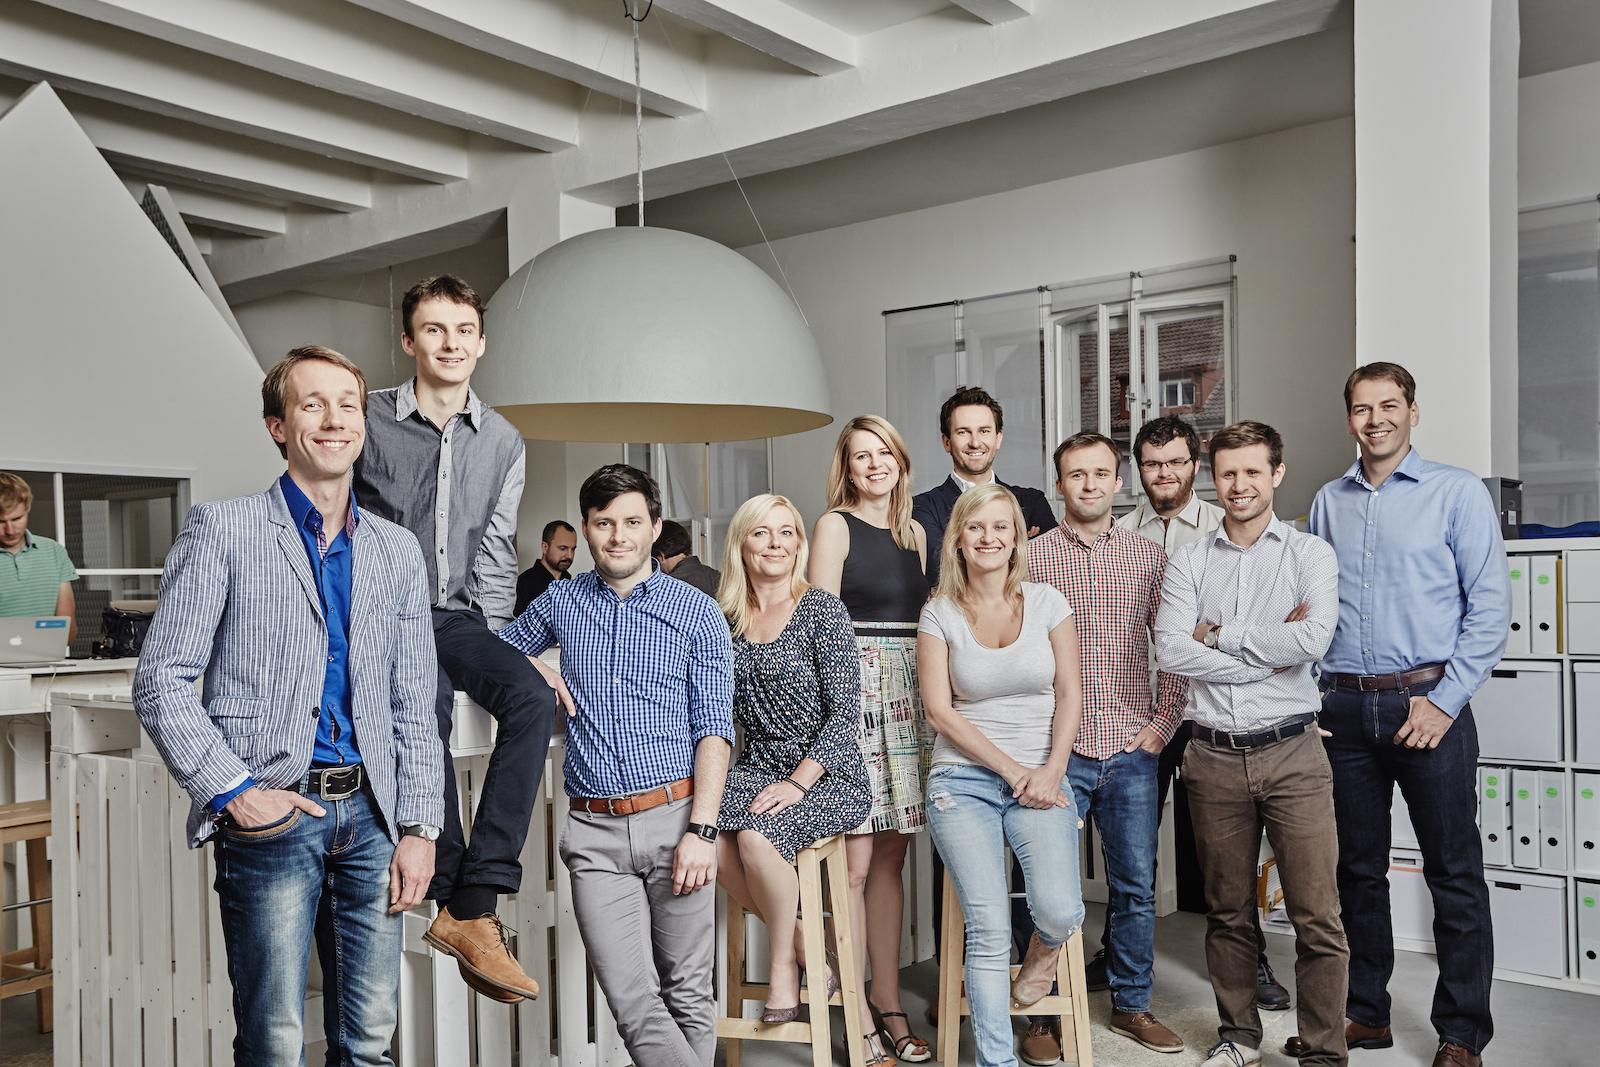 Tým startupu Zonky. Foto: David Turecký